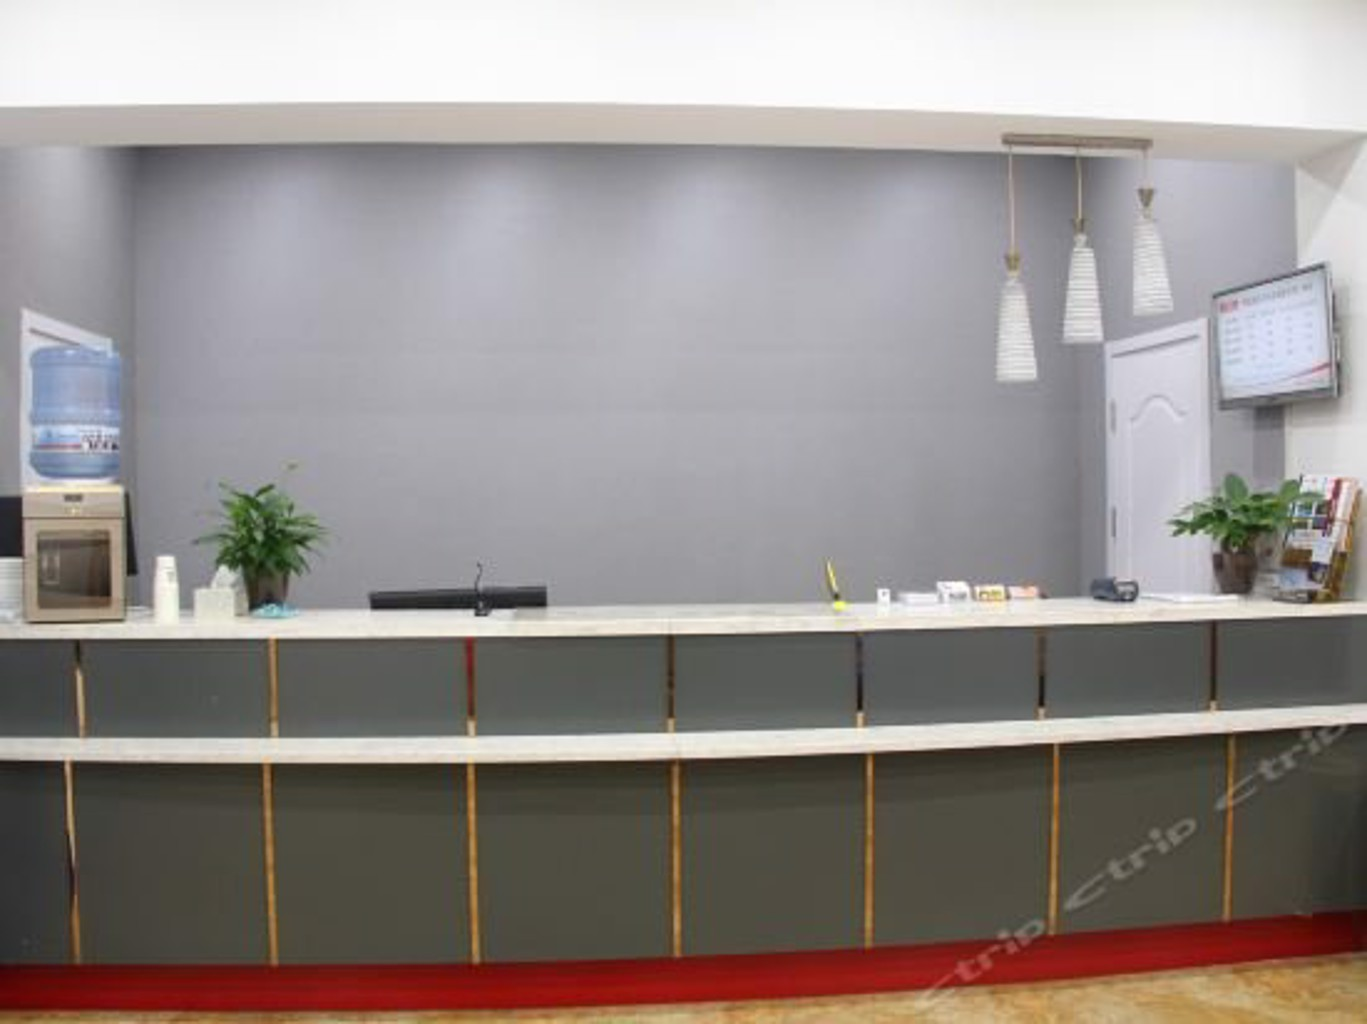 Gallery image of Joy Inn & Suites